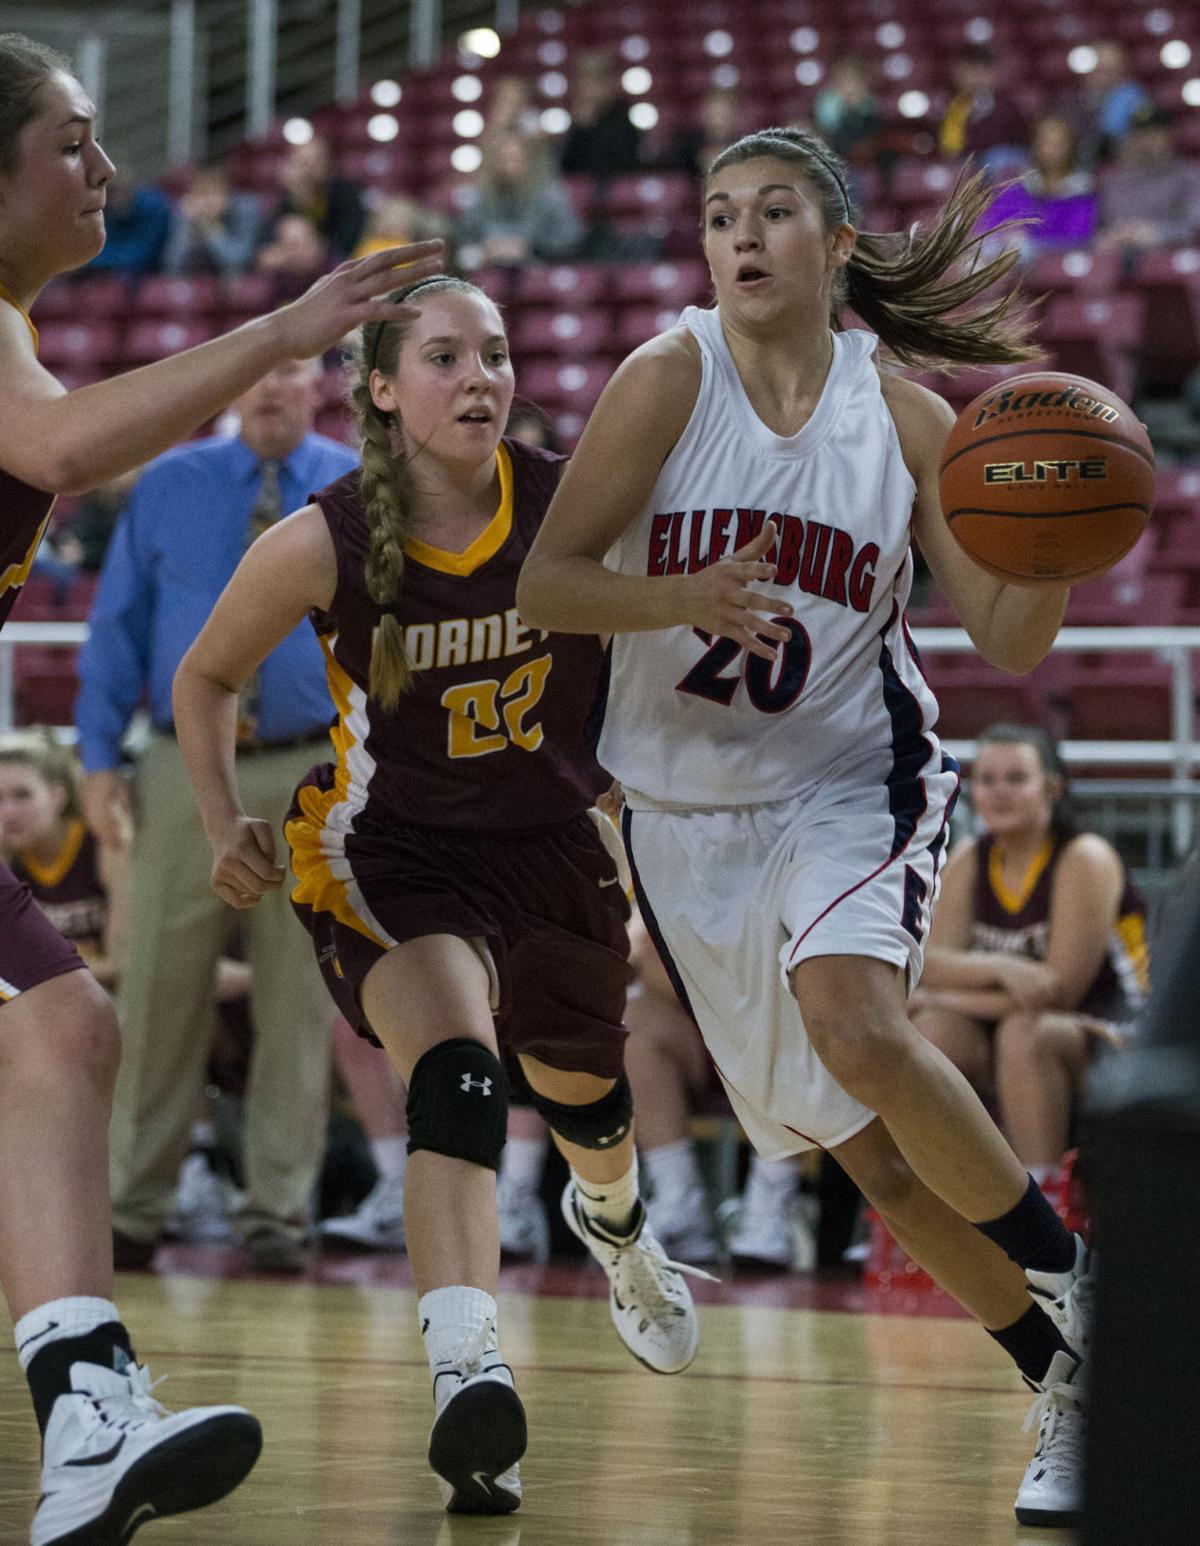 Ellensburg High School girls basketball vs. White River